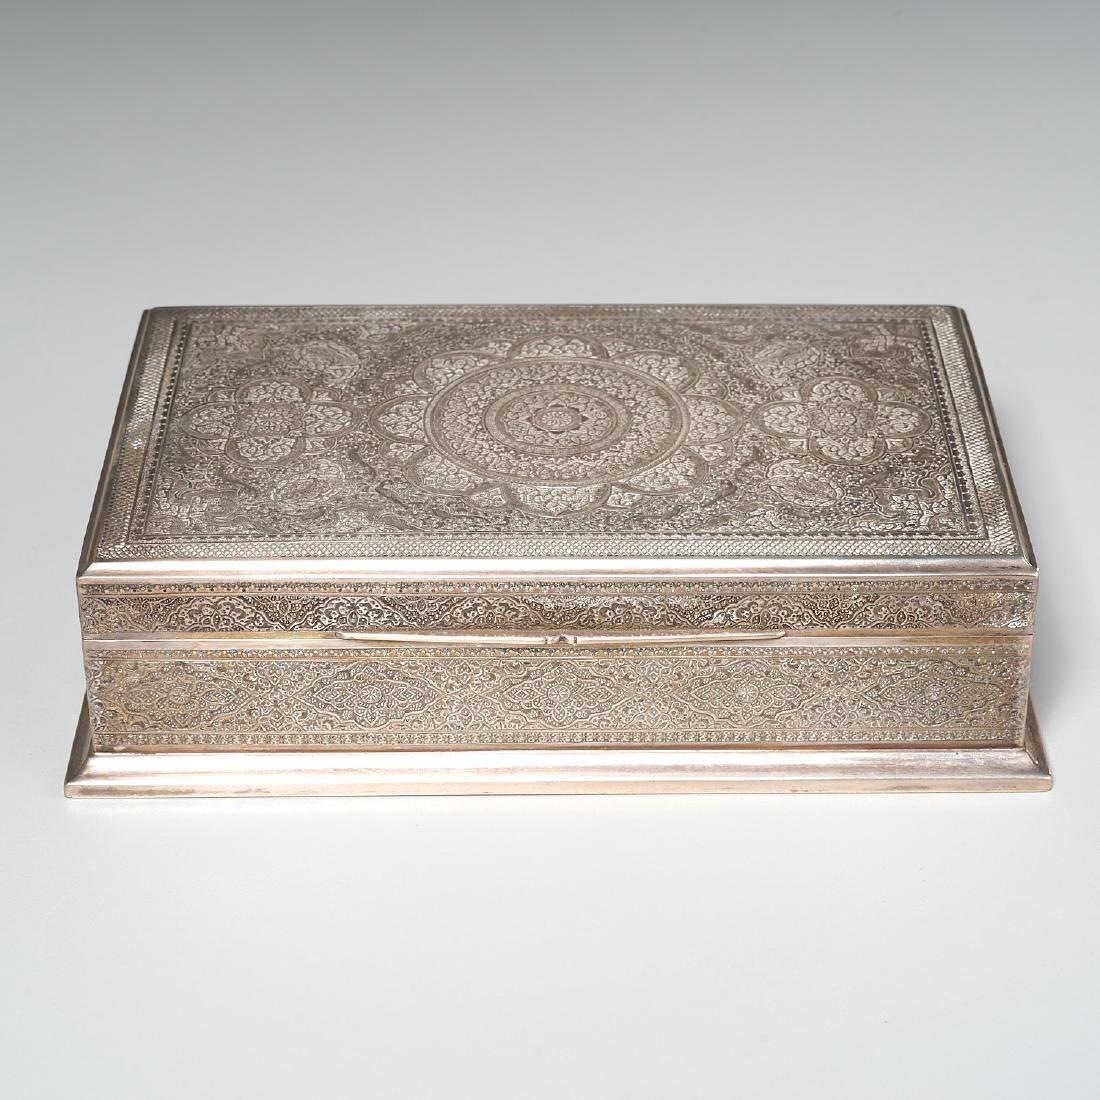 Persian silver box - 2